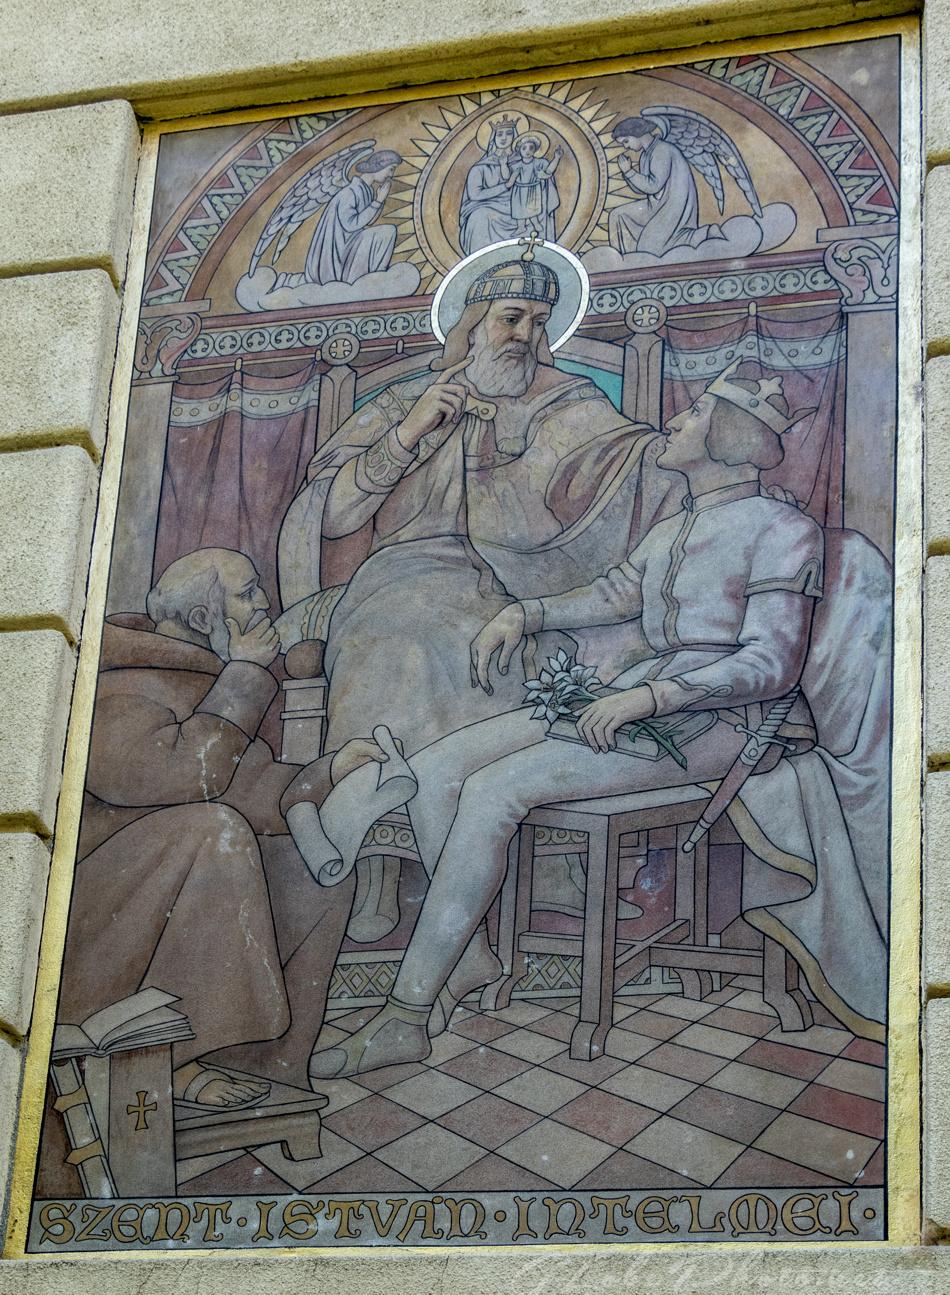 Szent István freskó